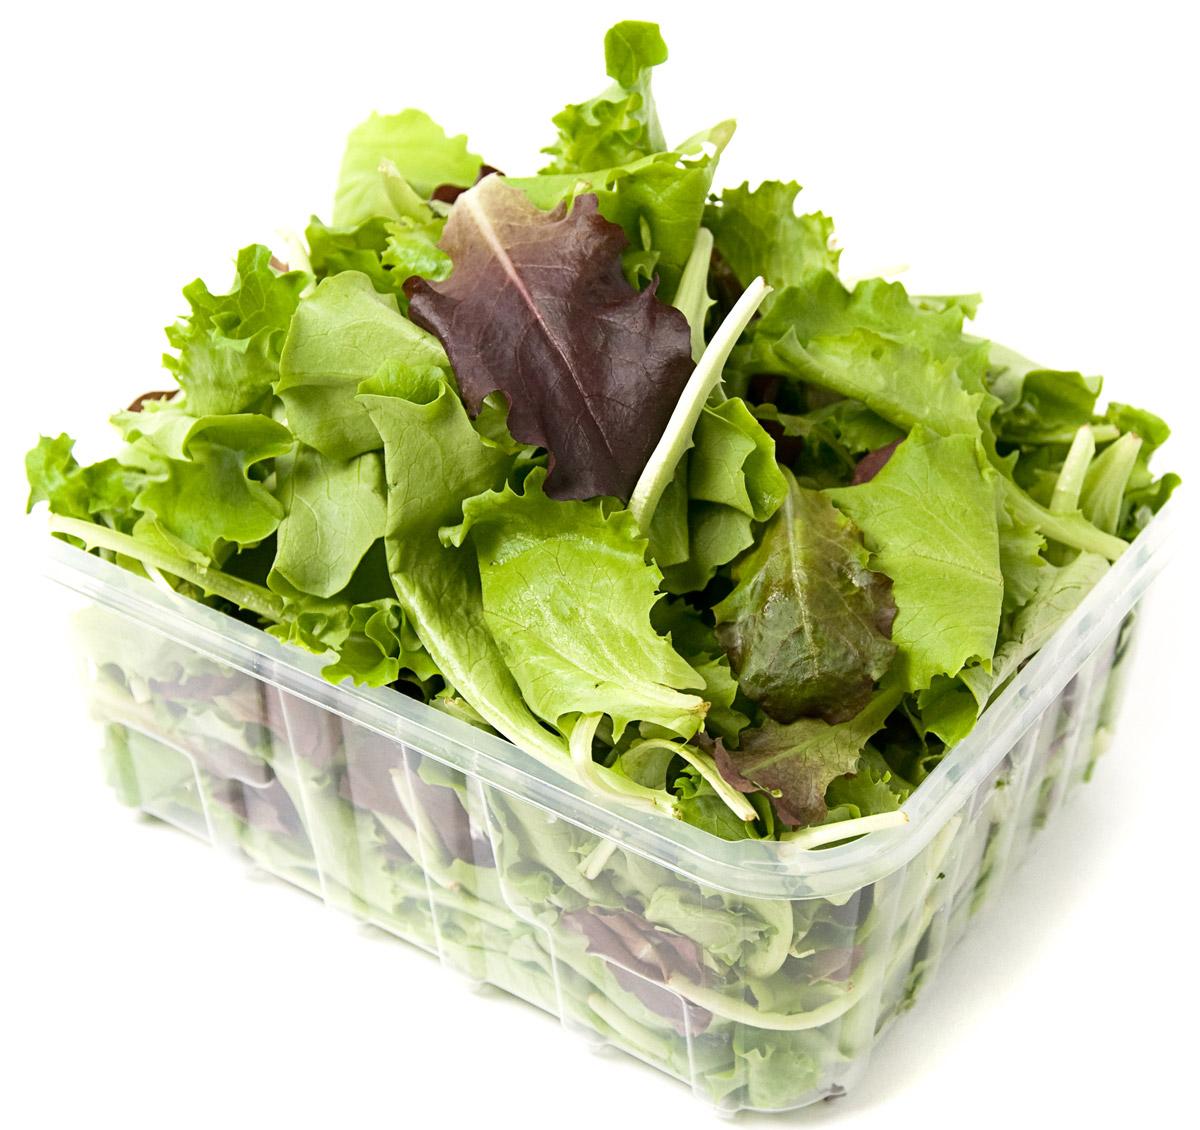 Смесь салатов Радичио и Корн, 125 г1608Смесь салатов Радичио и Корн станет прекрасной основой для ваших блюд и полезным гарниром! Корн обладает удивительной сочностью и нежным вкусом, а радичио привносит легкую изысканную горчинку. Рекомендуется сочетать с овощами, птицей или рыбой, подавать к вторым блюдам, использовать для приготовления соусов, для украшения пиццы и ризотто.Салаты богаты железом и флавоноидами, которые укрепляют капилляры и помогают лучшему усвоению витамина С. В 100 граммах этого салата содержится половина ежедневной потребности организма человека в витамине В9, регулирующего метаболические процессы в организме и способствующего быстрой регенерации клеток. не мытые. Перед употреблением рекомендовано промыть в холодной воде.Калорийность: 23 кКал.Белки: 2,13 г.Жиры: 0,23 г. Углеводы: 2,15 г.